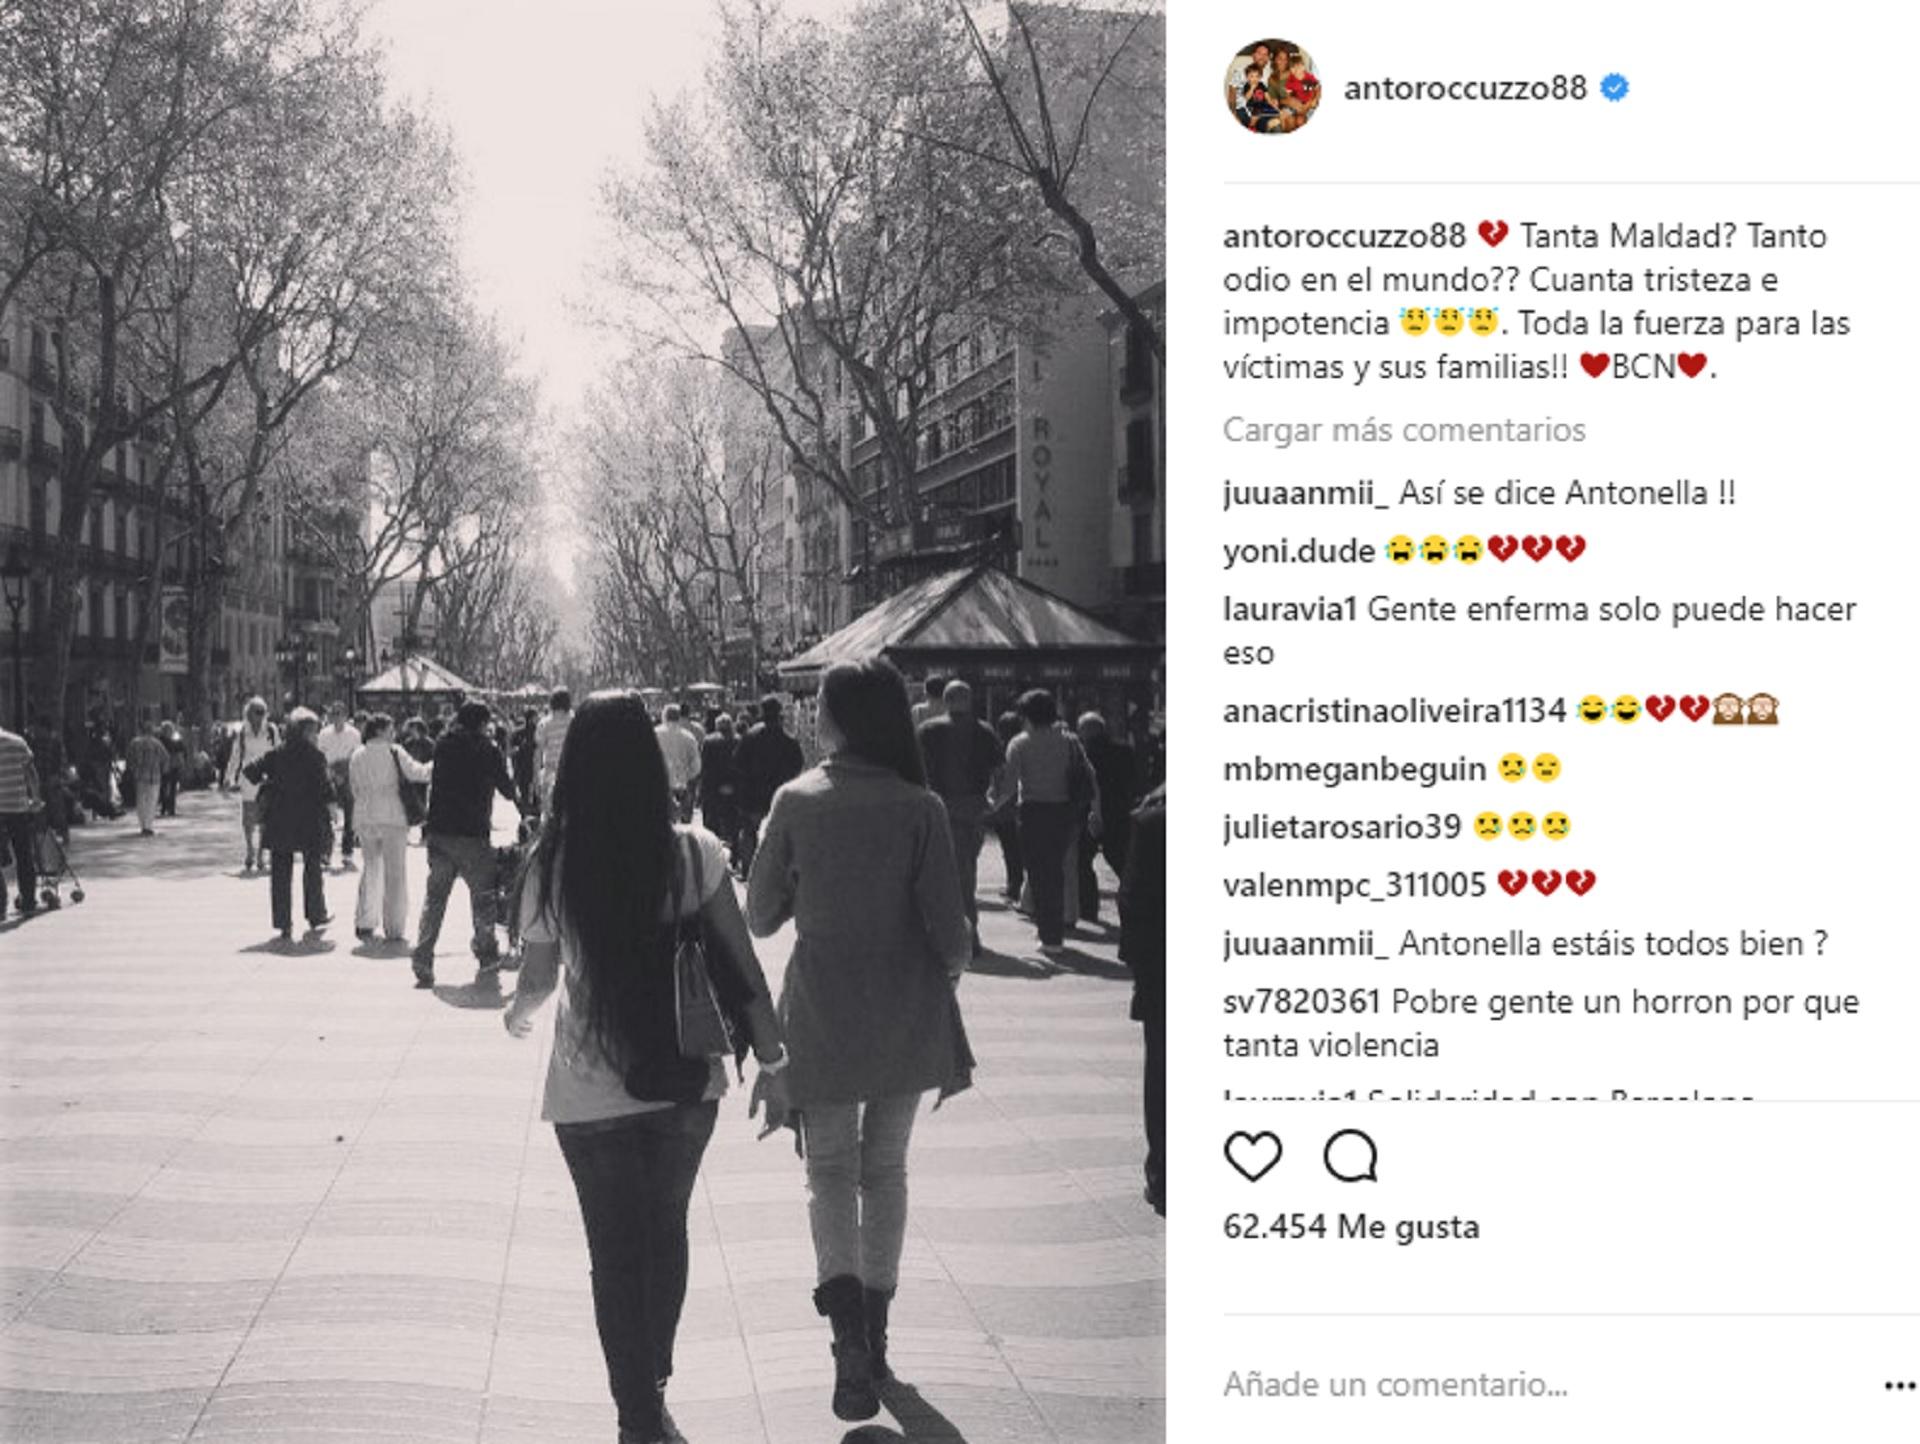 El mensaje de Antonela Roccuzzo en Instagram tras el atentado en Barcelona